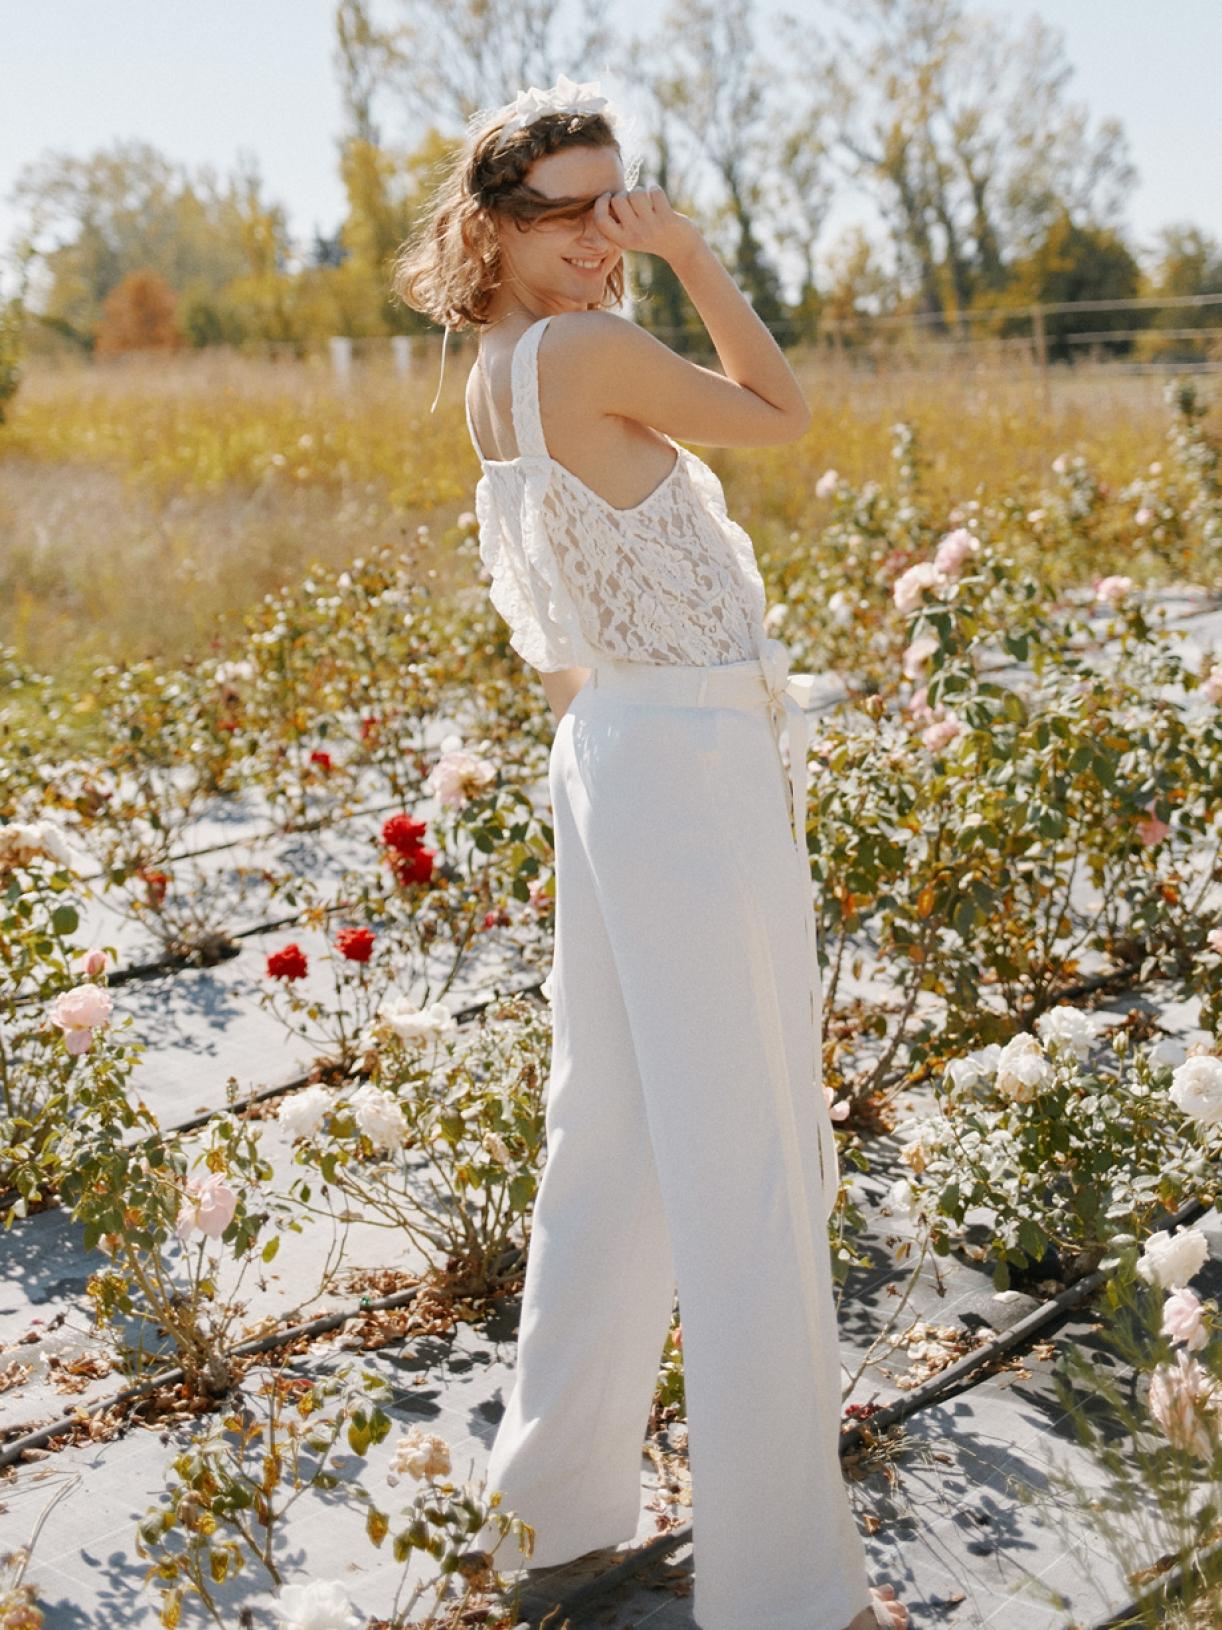 Pantalon tailleur de mariée large ecoresponsable et éthique - Myphilosophy